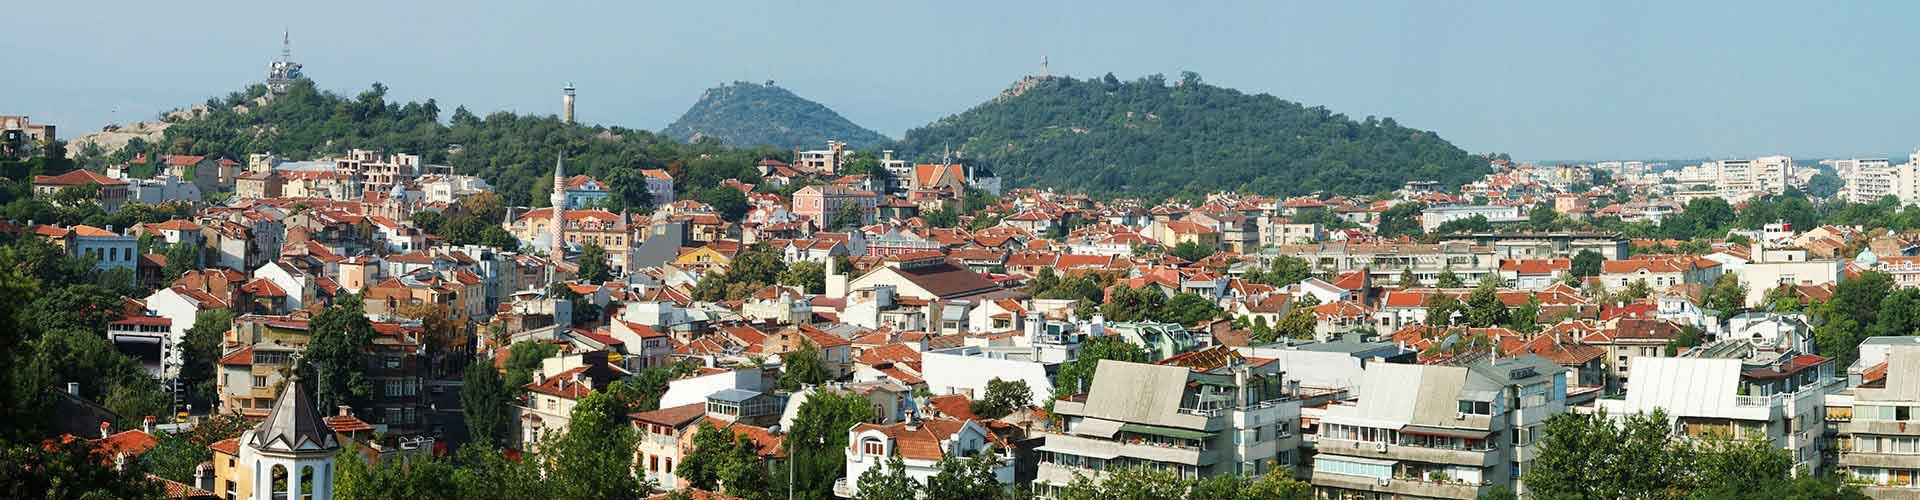 Plovdiv – Hostels in Centyra Stadtteil. Karten für Plovdiv. Fotos und Bewertungen für jedes Hostel in Plovdiv.